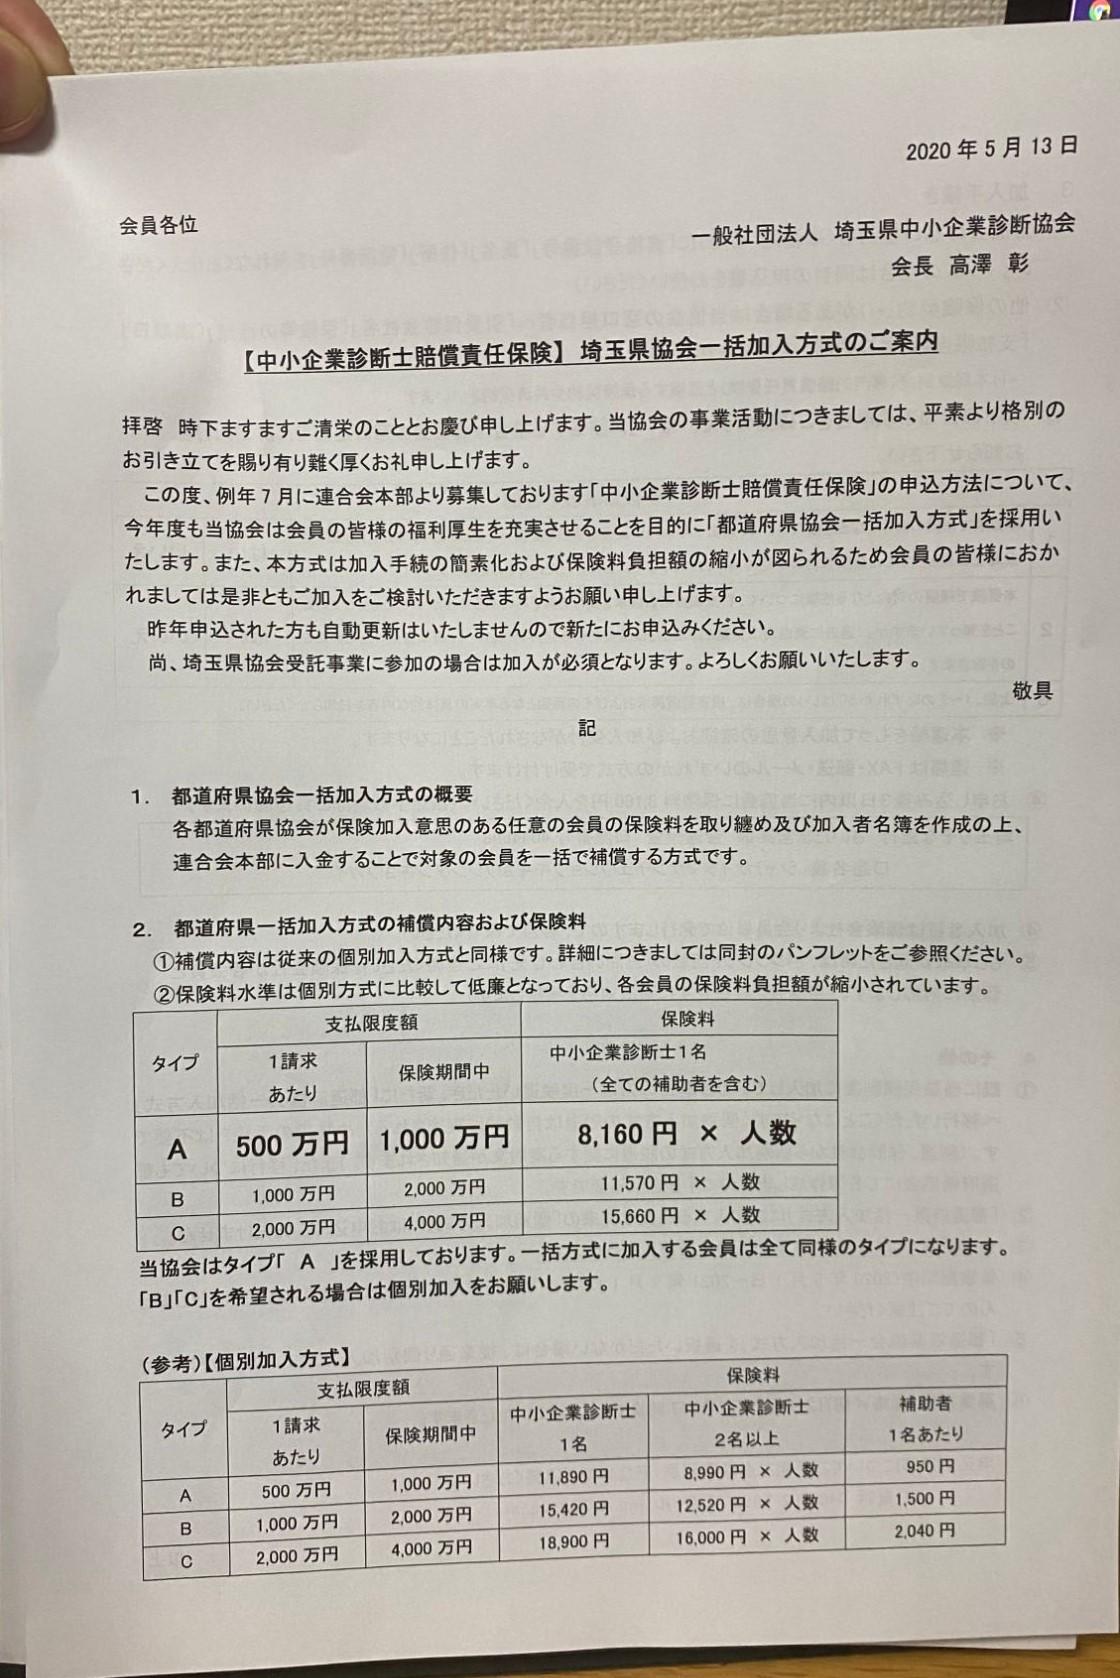 埼玉県中小企業診断協会の中小企業診断士賠償責任保険案内チラシ